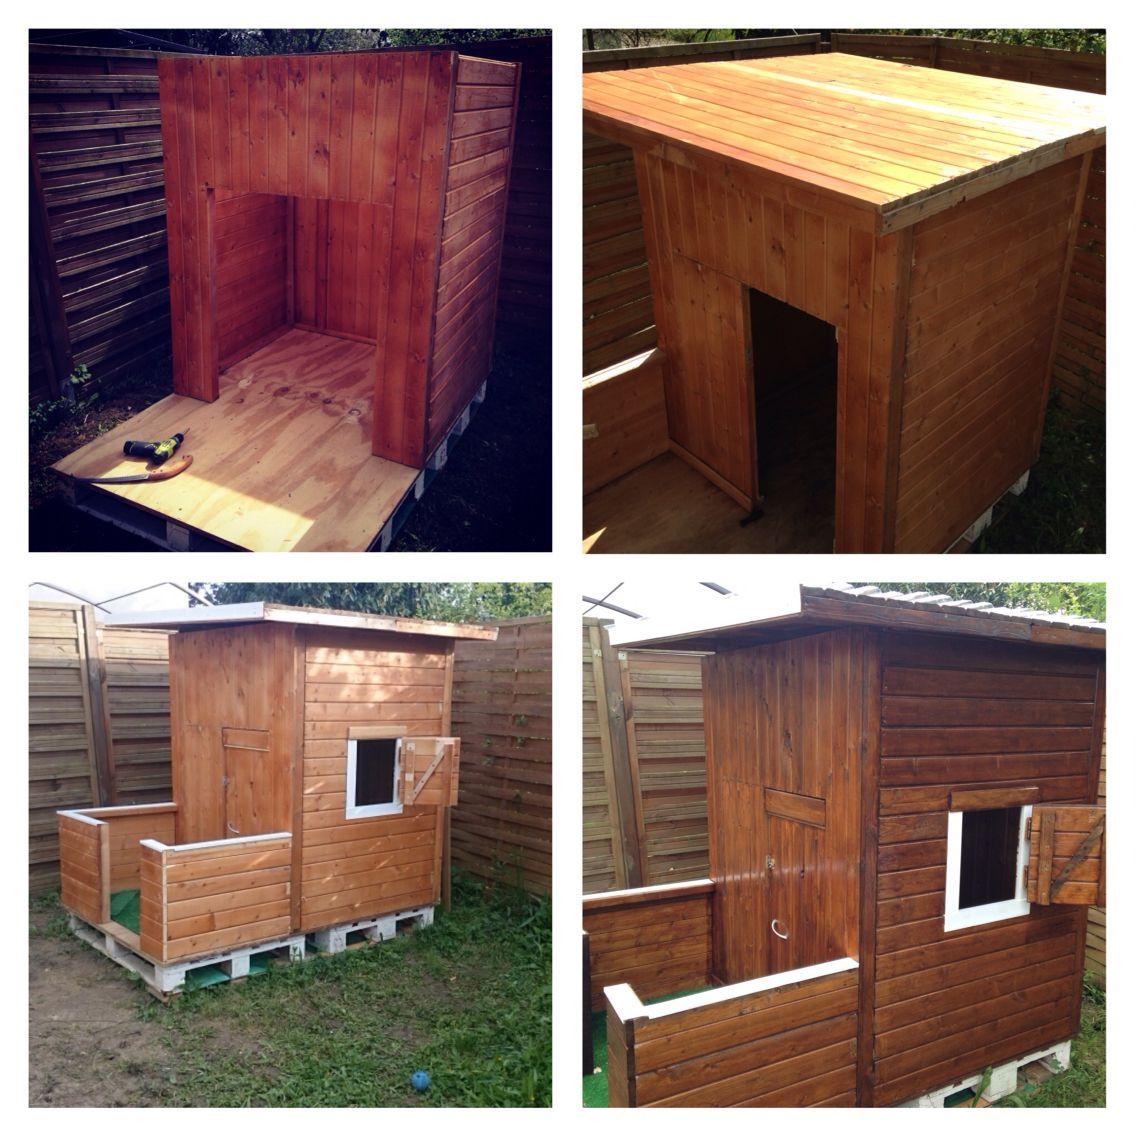 cabane en bois enfants de 3 14 ans cabane en bois pinterest chang 39 e 3